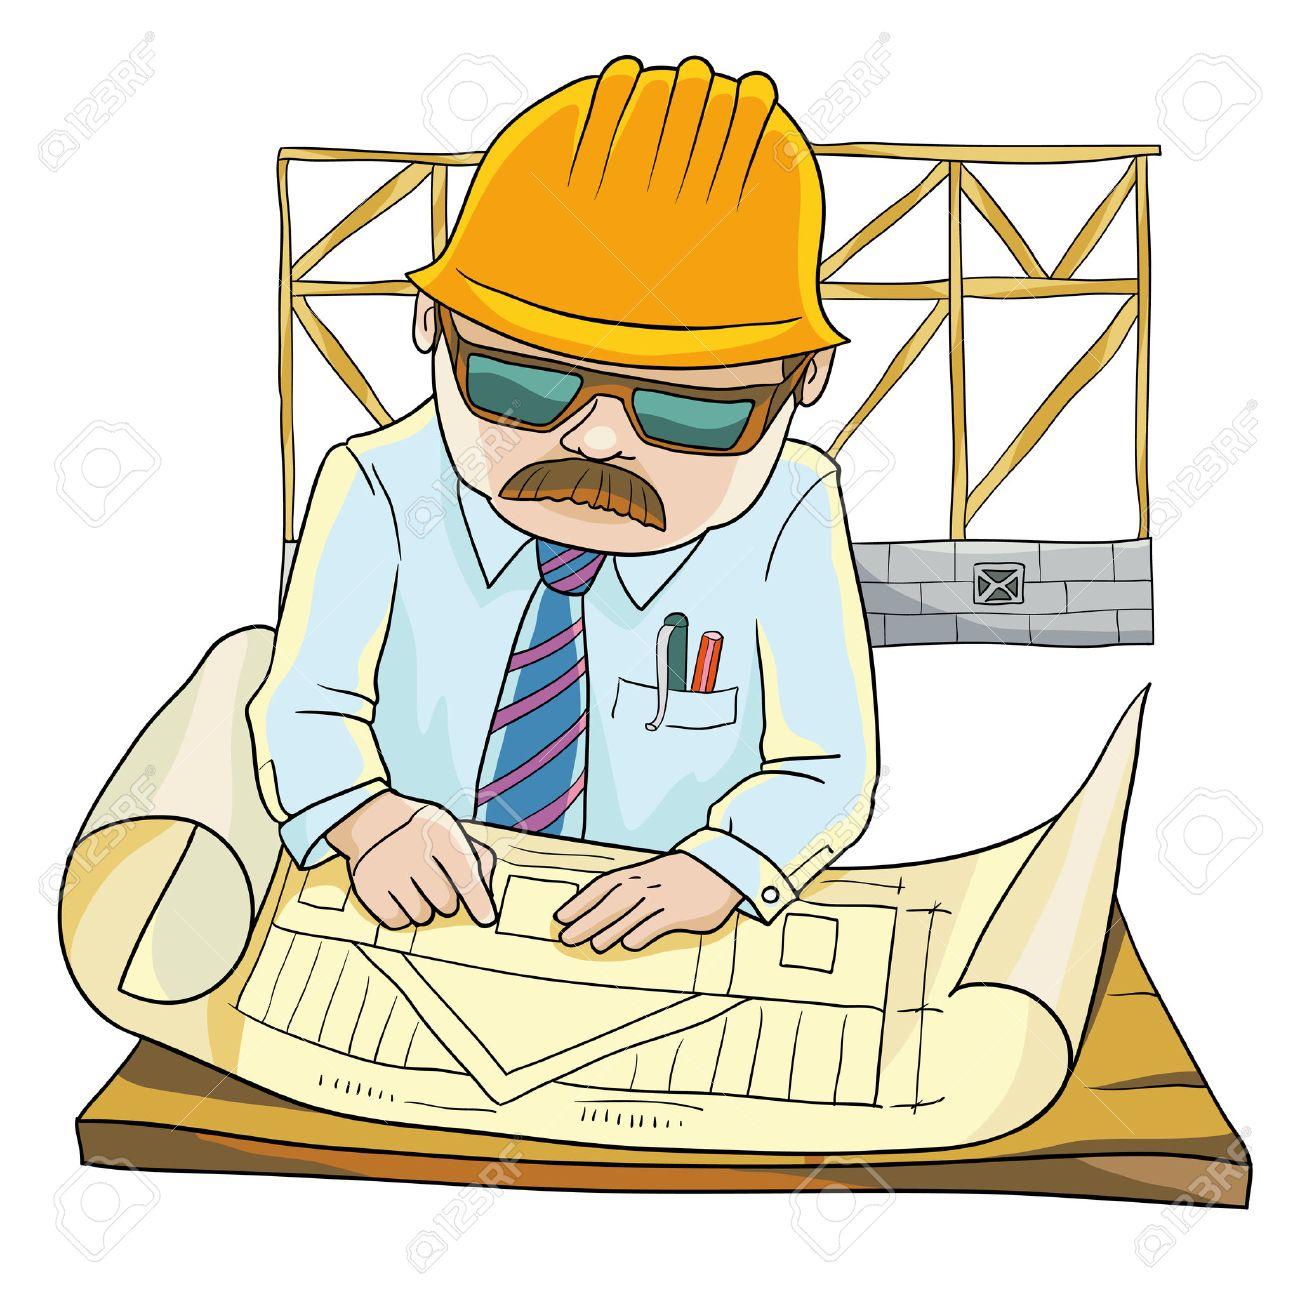 un architecte expriment valide le plan de construction dune maison banque - Plan De Construction D Une Maison